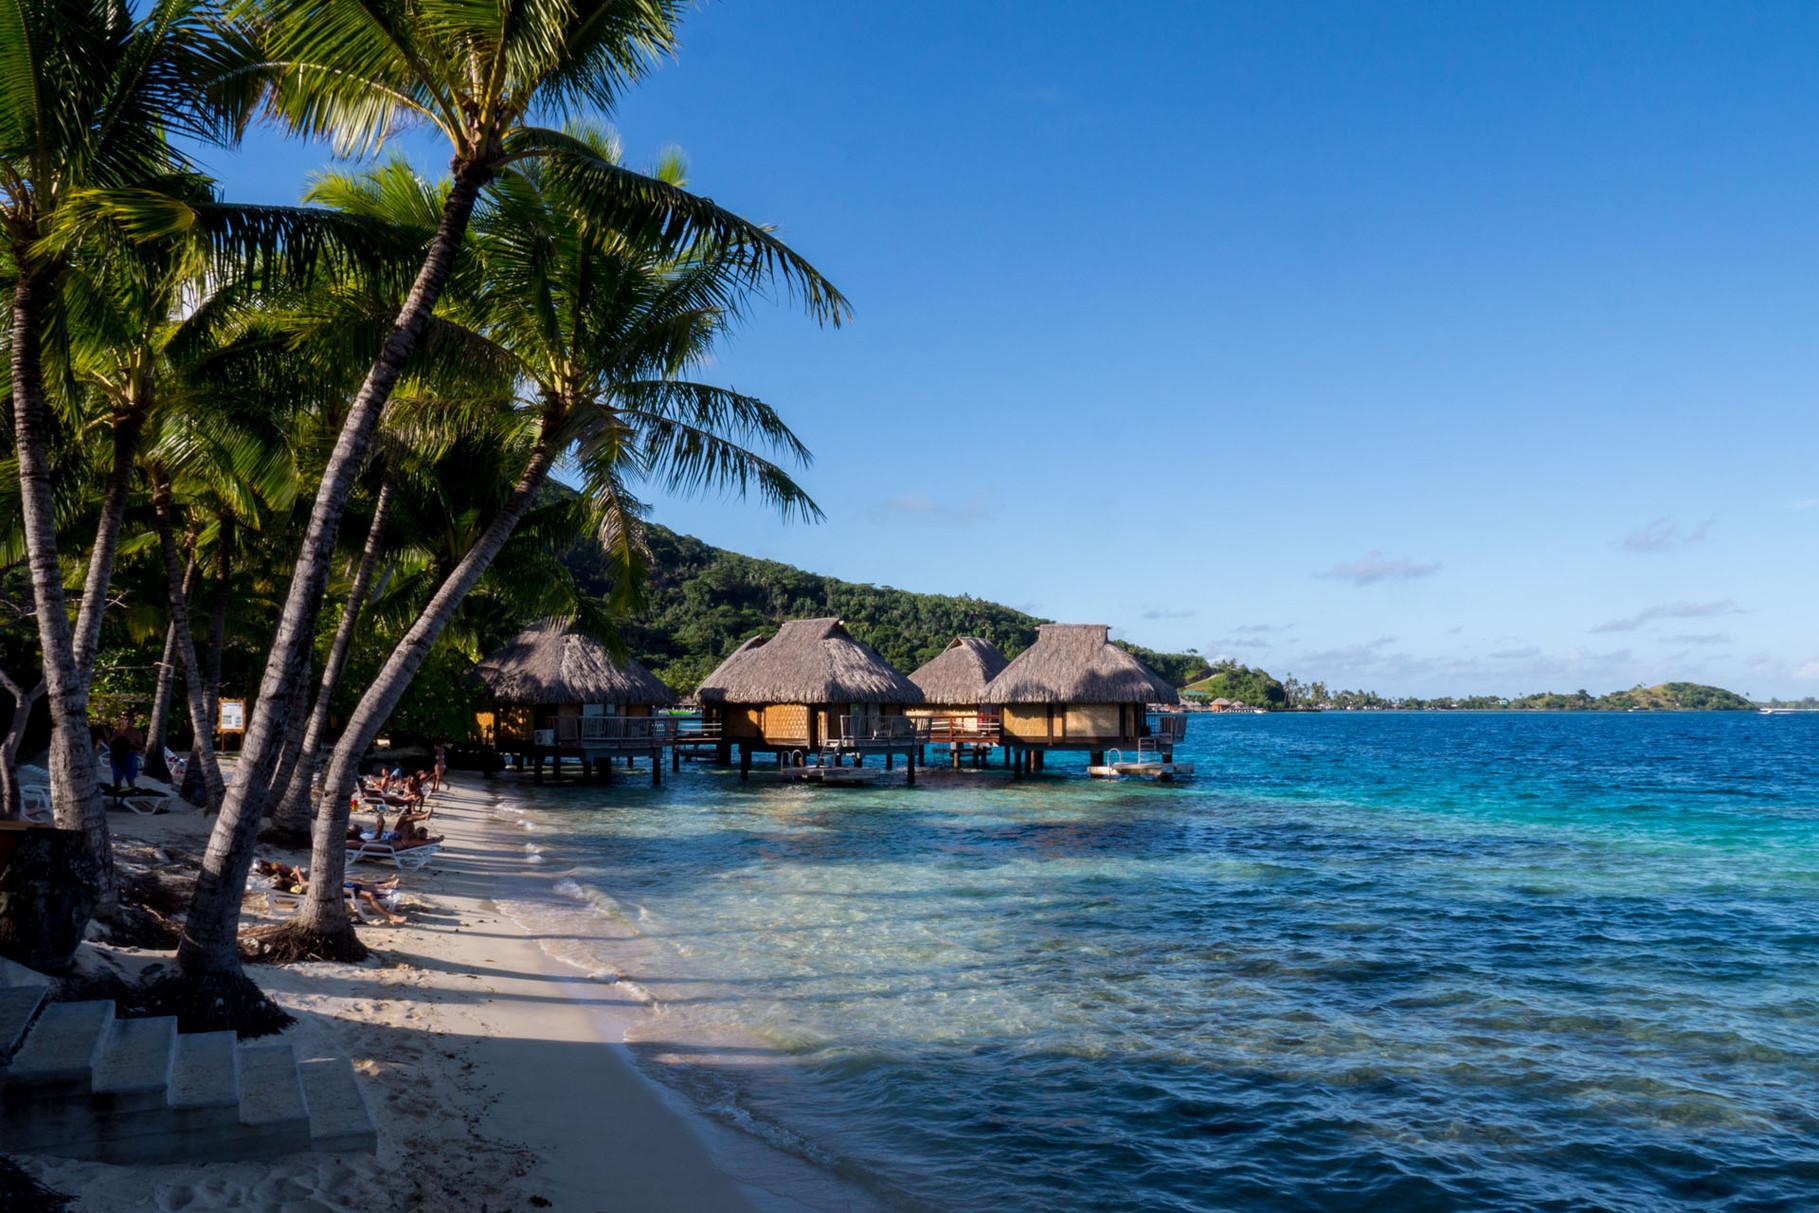 Typical bungalows at Bora Bora [French Polynesia, 2014]